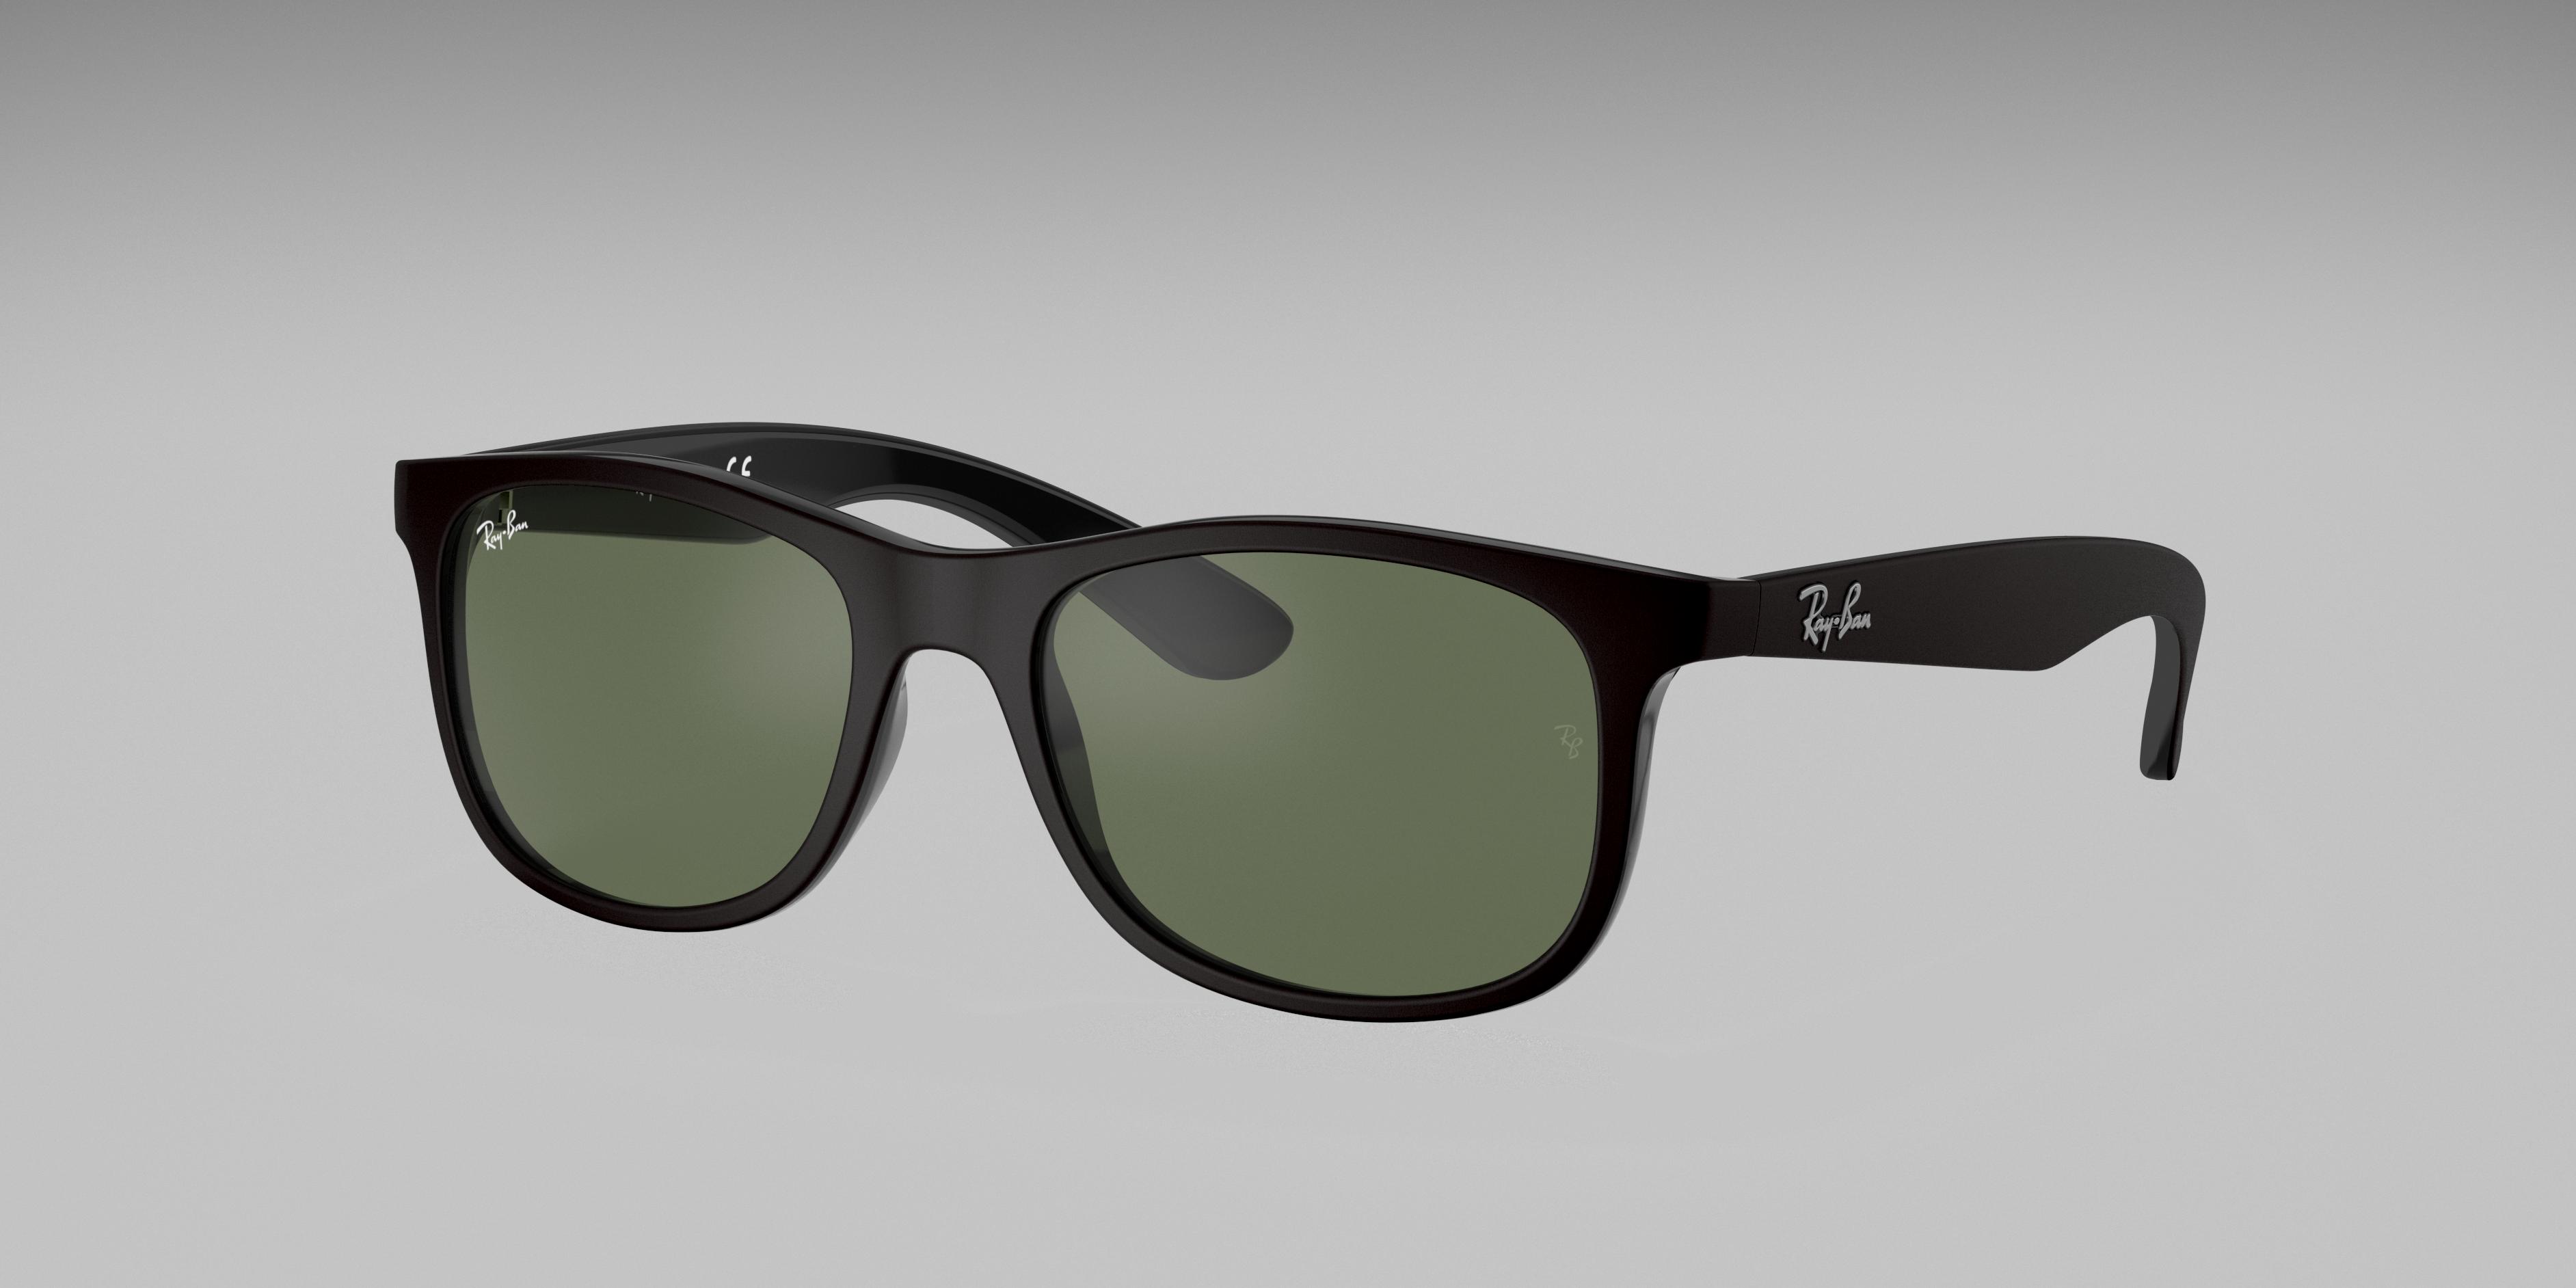 Ray-Ban Rj9062s Black, Green Lenses - RJ9062S